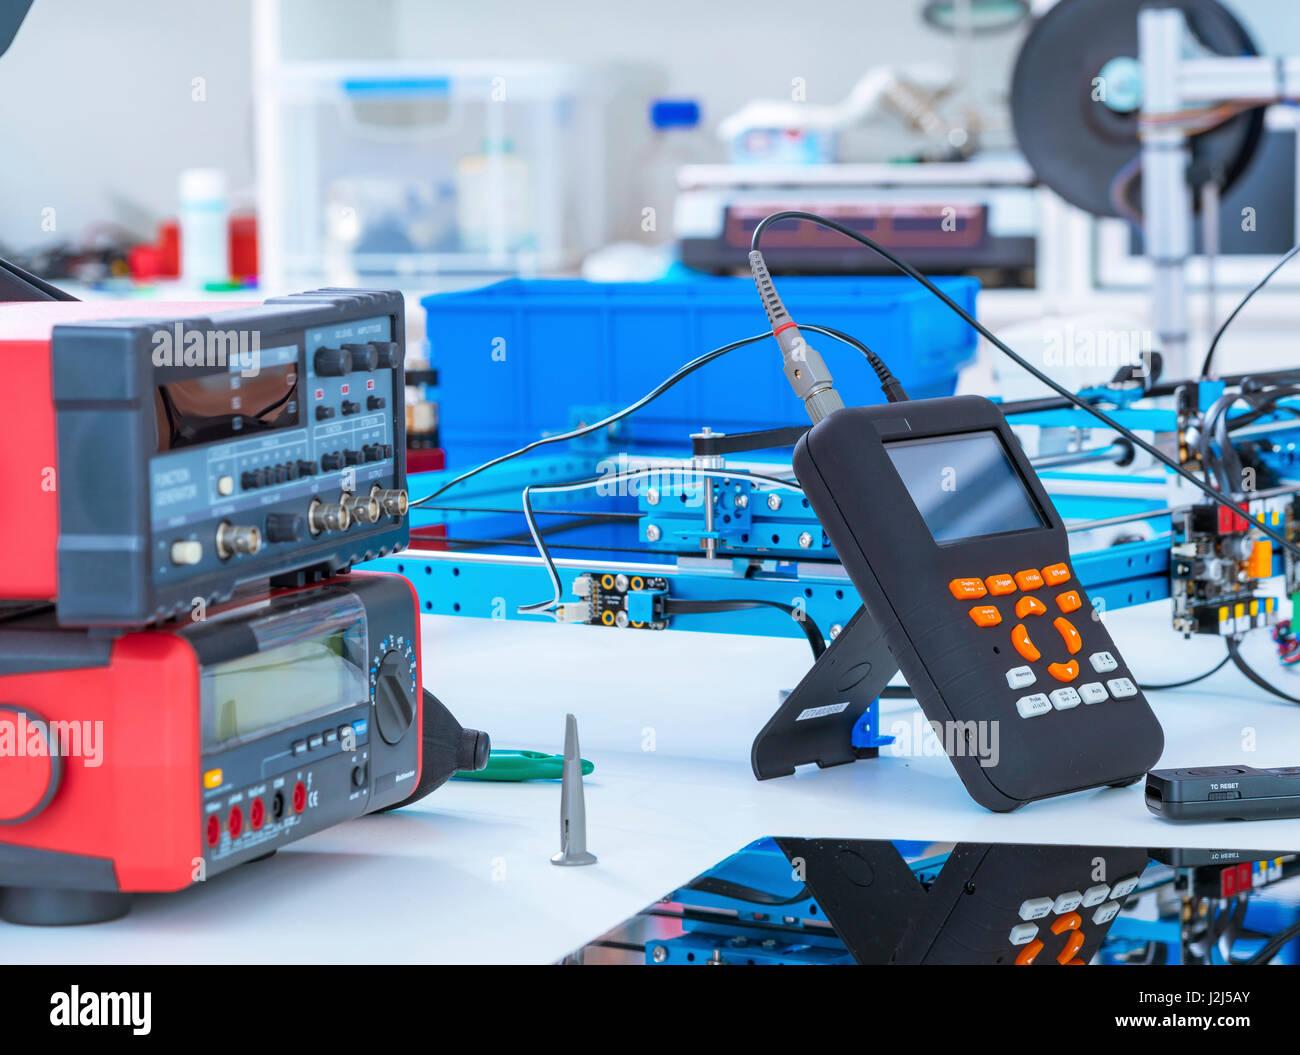 Elektronik-Labor-Geräte und Maschinen. Stockbild